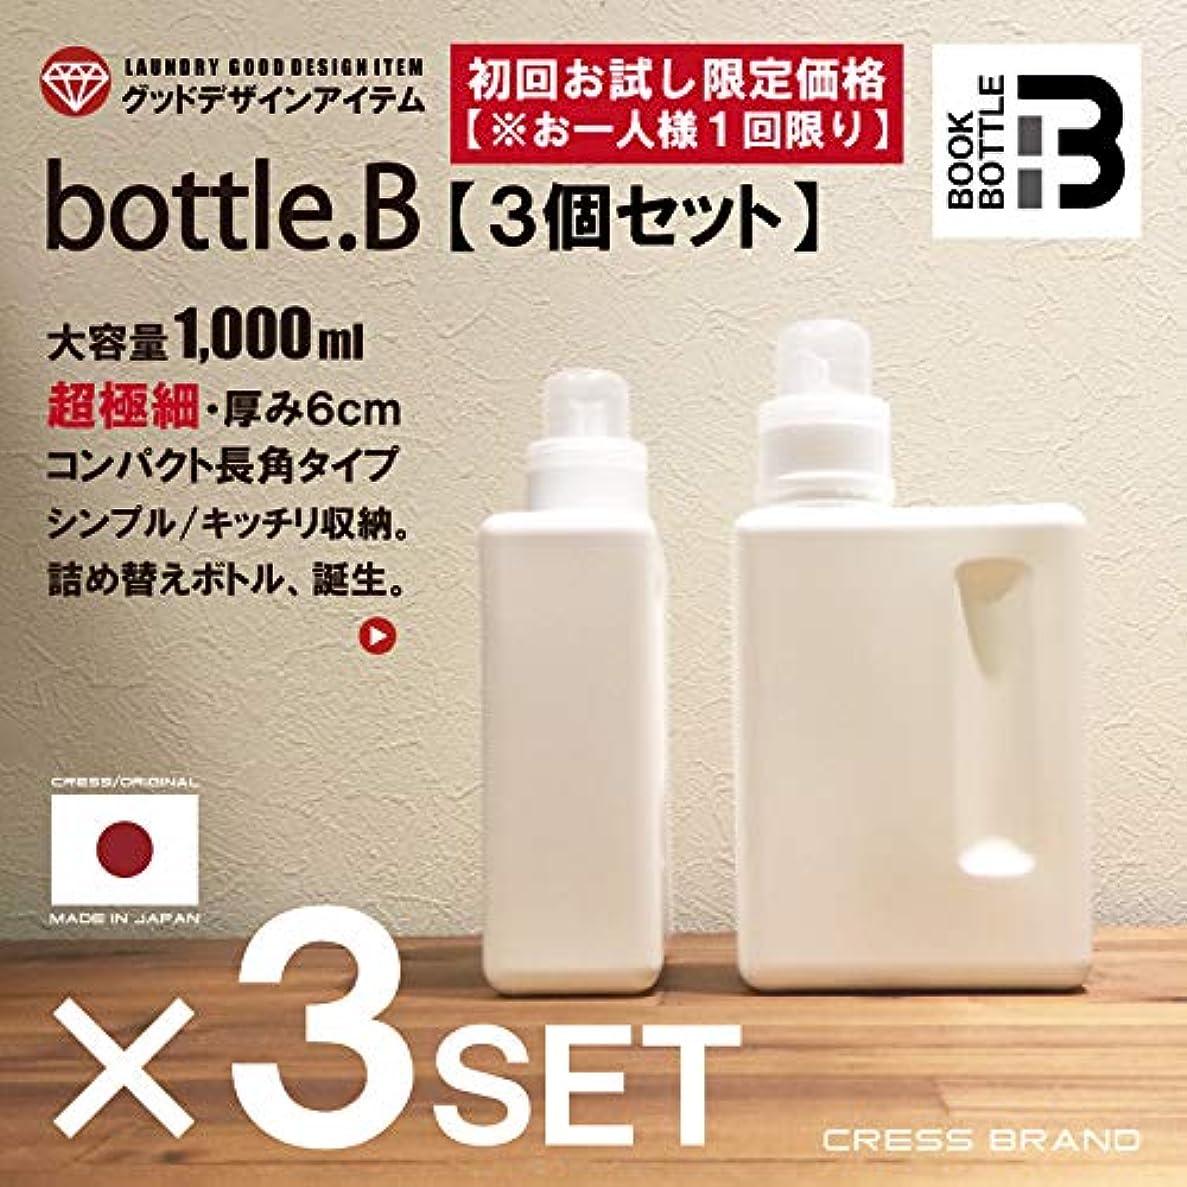 銃推測する電極<3個セット>bottle.B-3set【初回お試し限定価格?お一人さ様1回限り】[クレス?オリジナルボトル]1000ml BOOK-BOTTLE